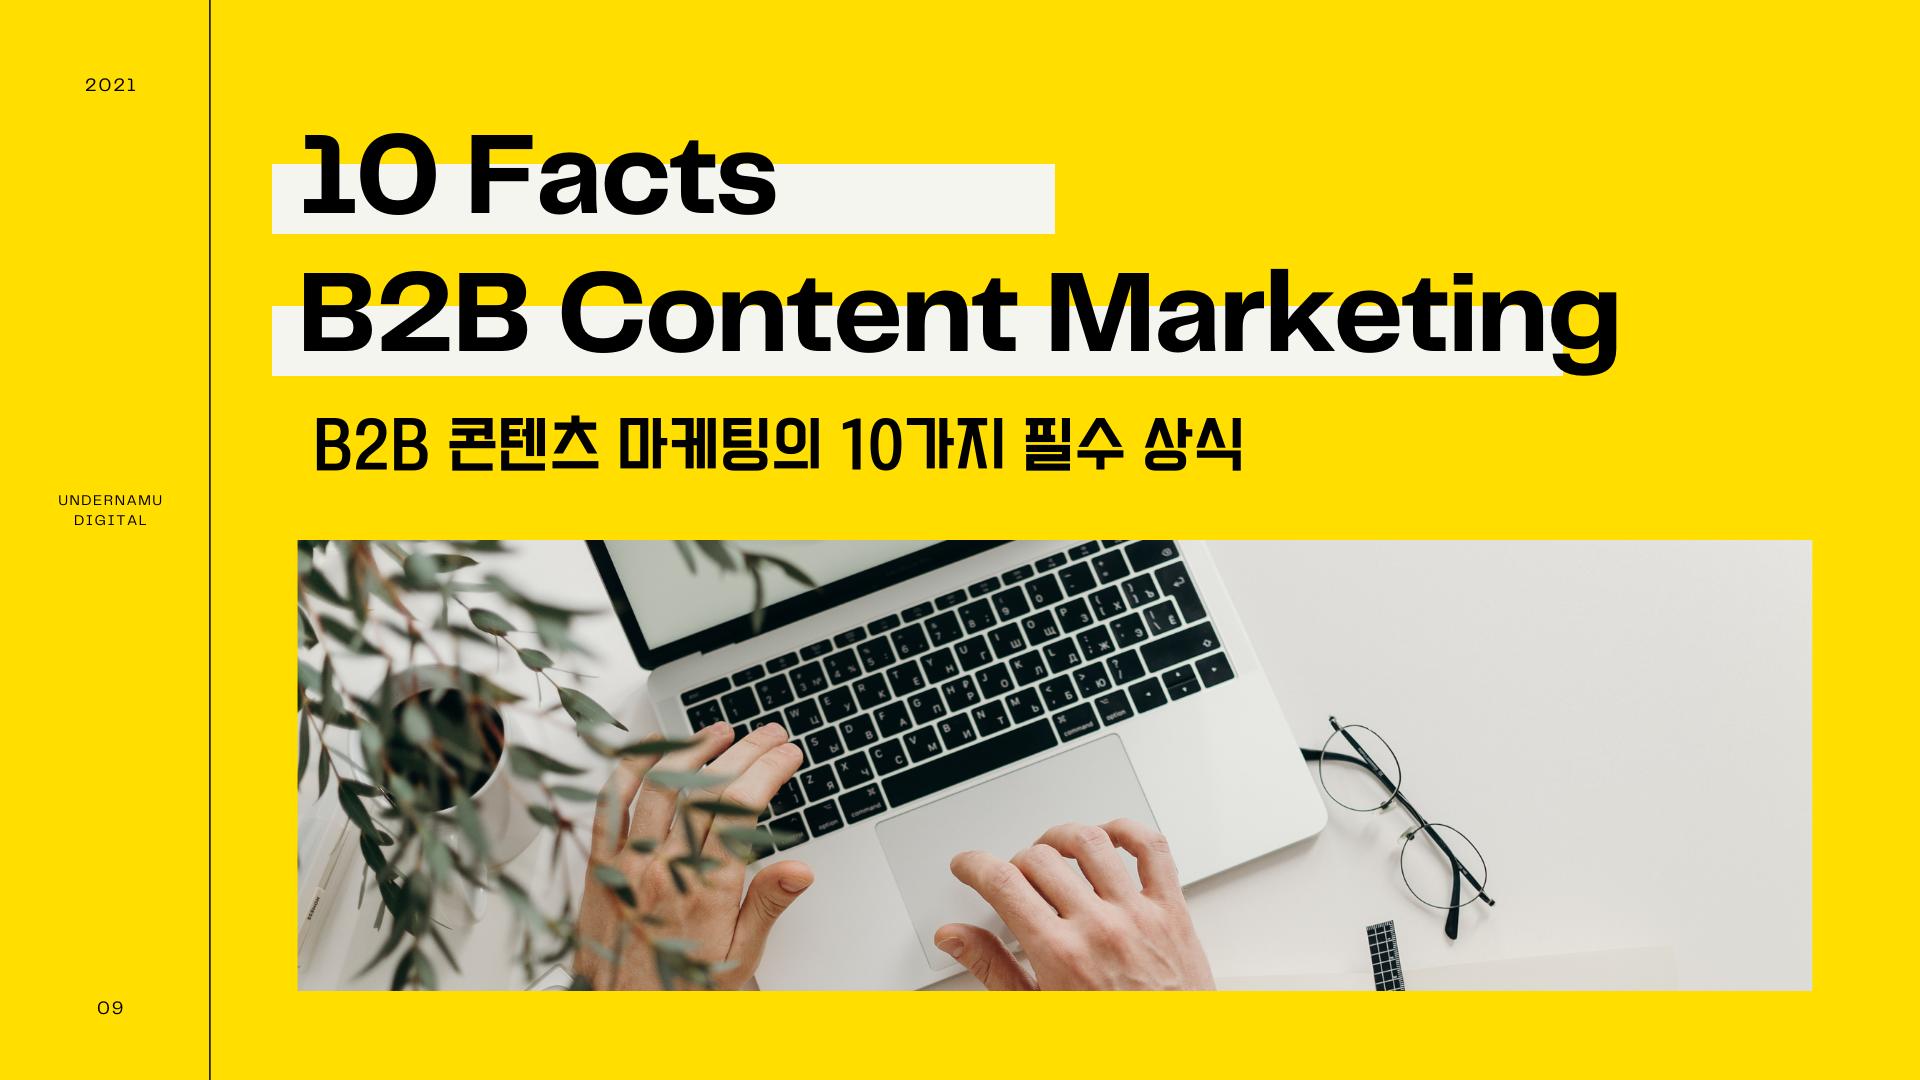 B2B 콘텐츠 마케팅에 대한 10가지 사실